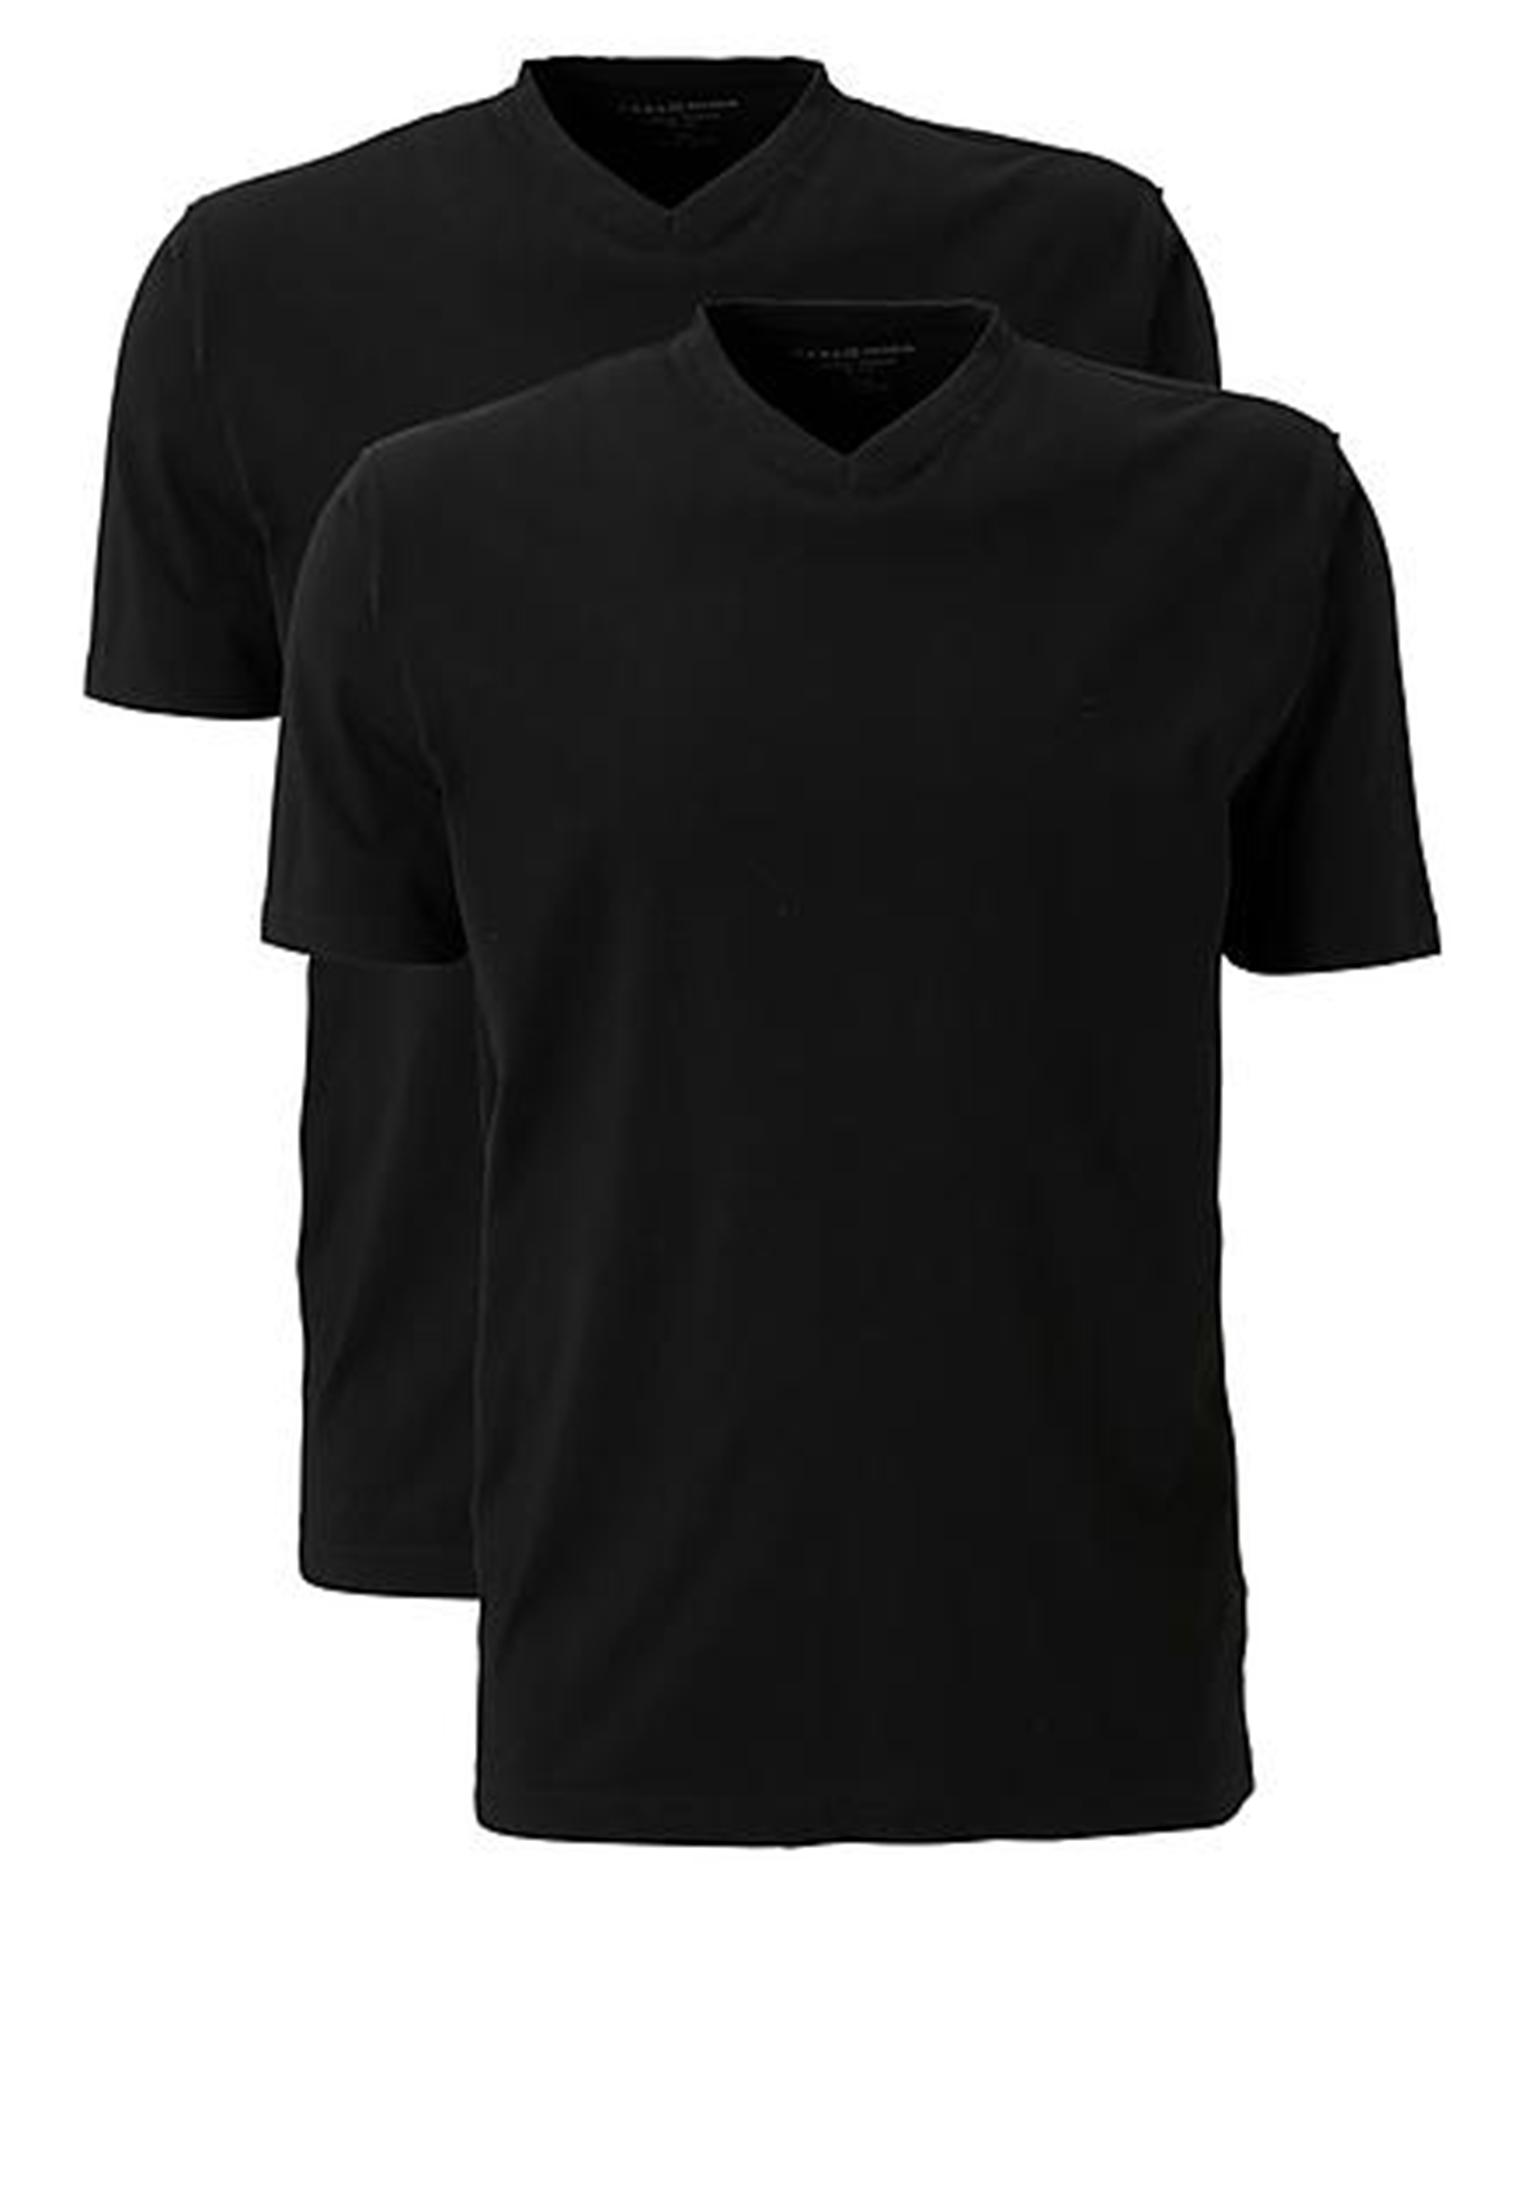 Dubbelpack t-shirt met v-hals en korte mouwen. Perfect voor onder een overhemd of gewoon als t-shirt. Soepel vallend katoen dat zacht aanvoeld.